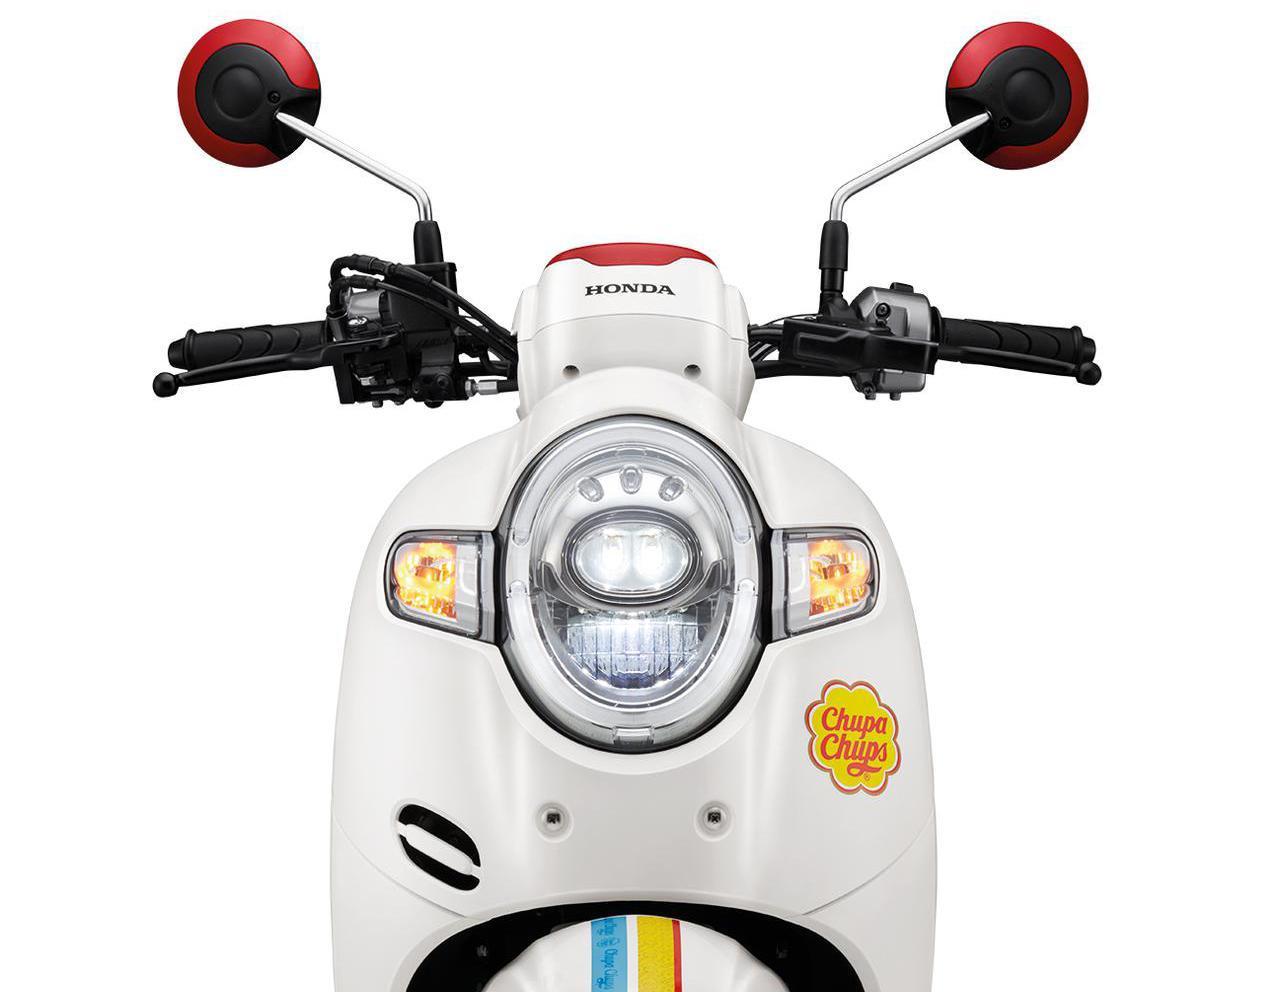 画像: タイホンダの110ccスクーターが「チュッパチャプス」とコラボ - webオートバイ